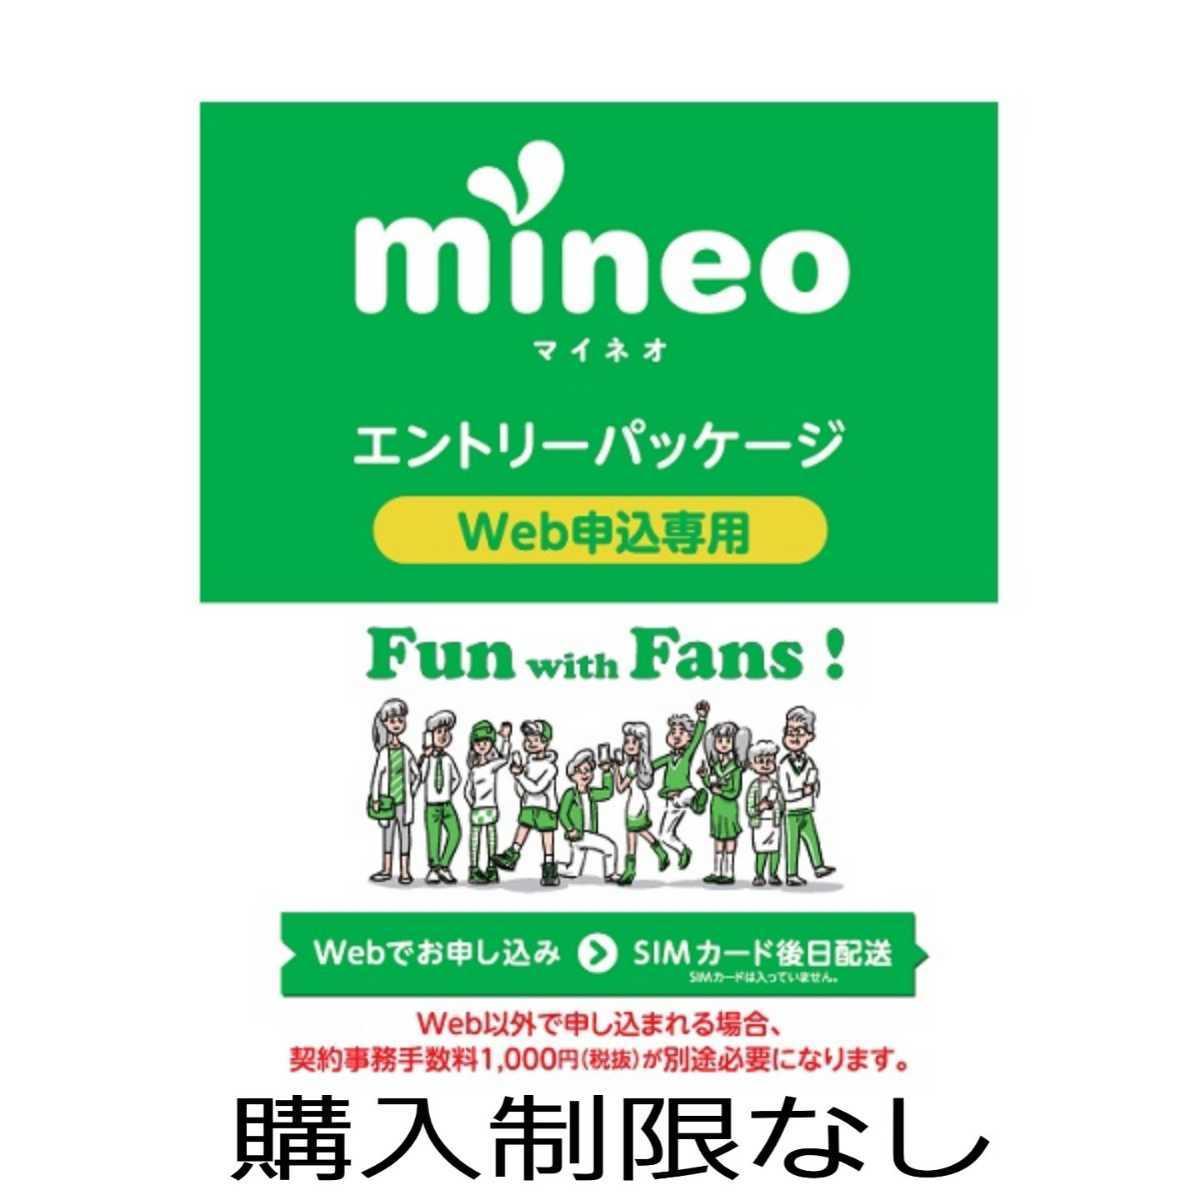 【取引メッセージにてお知らせ】mineo エントリーコード エントリーパッケージ マイネオ_画像1